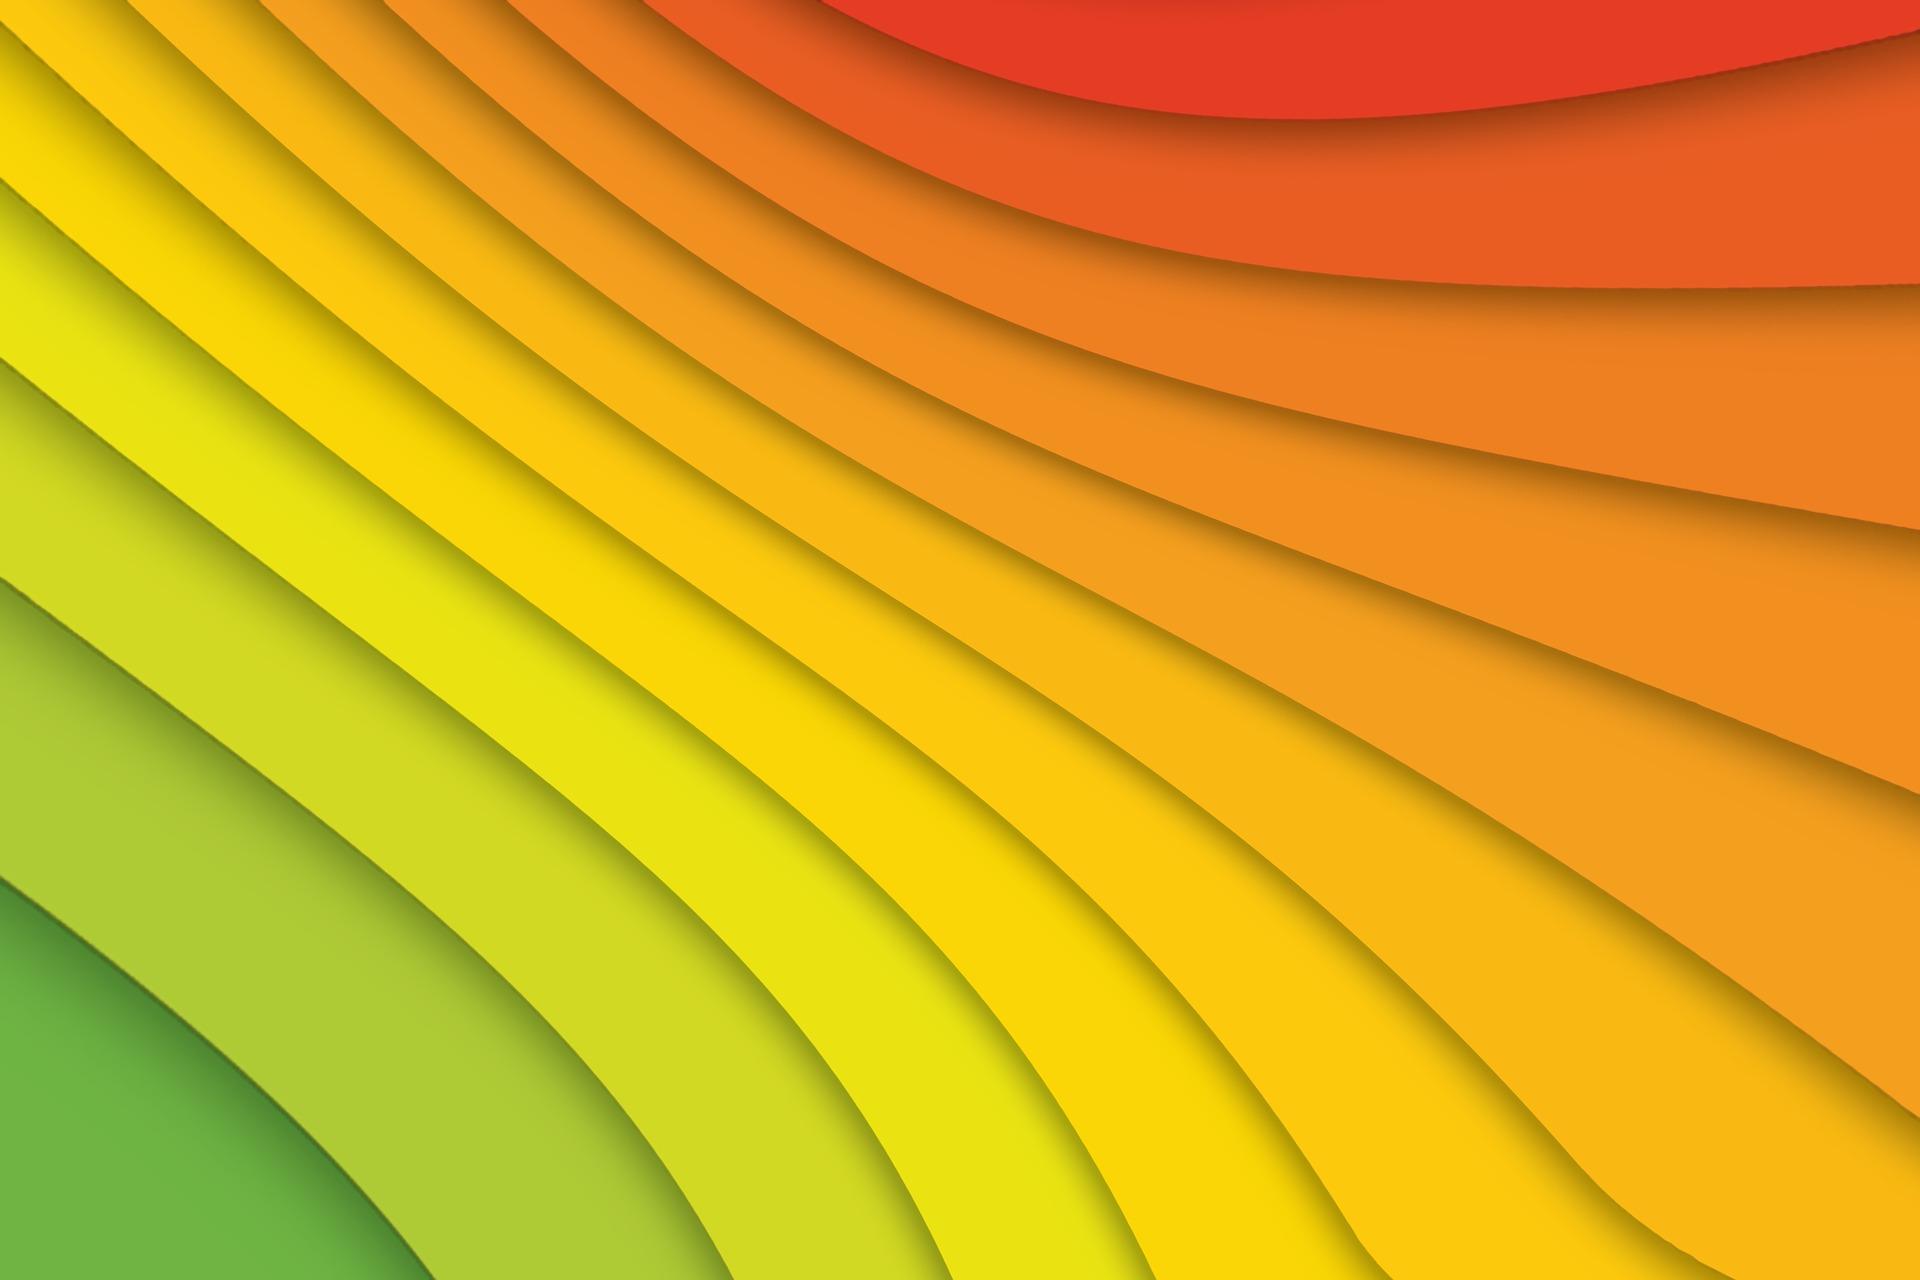 шаблон, линии, цвета, torsión, уровни - Обои HD - Профессор falken.com